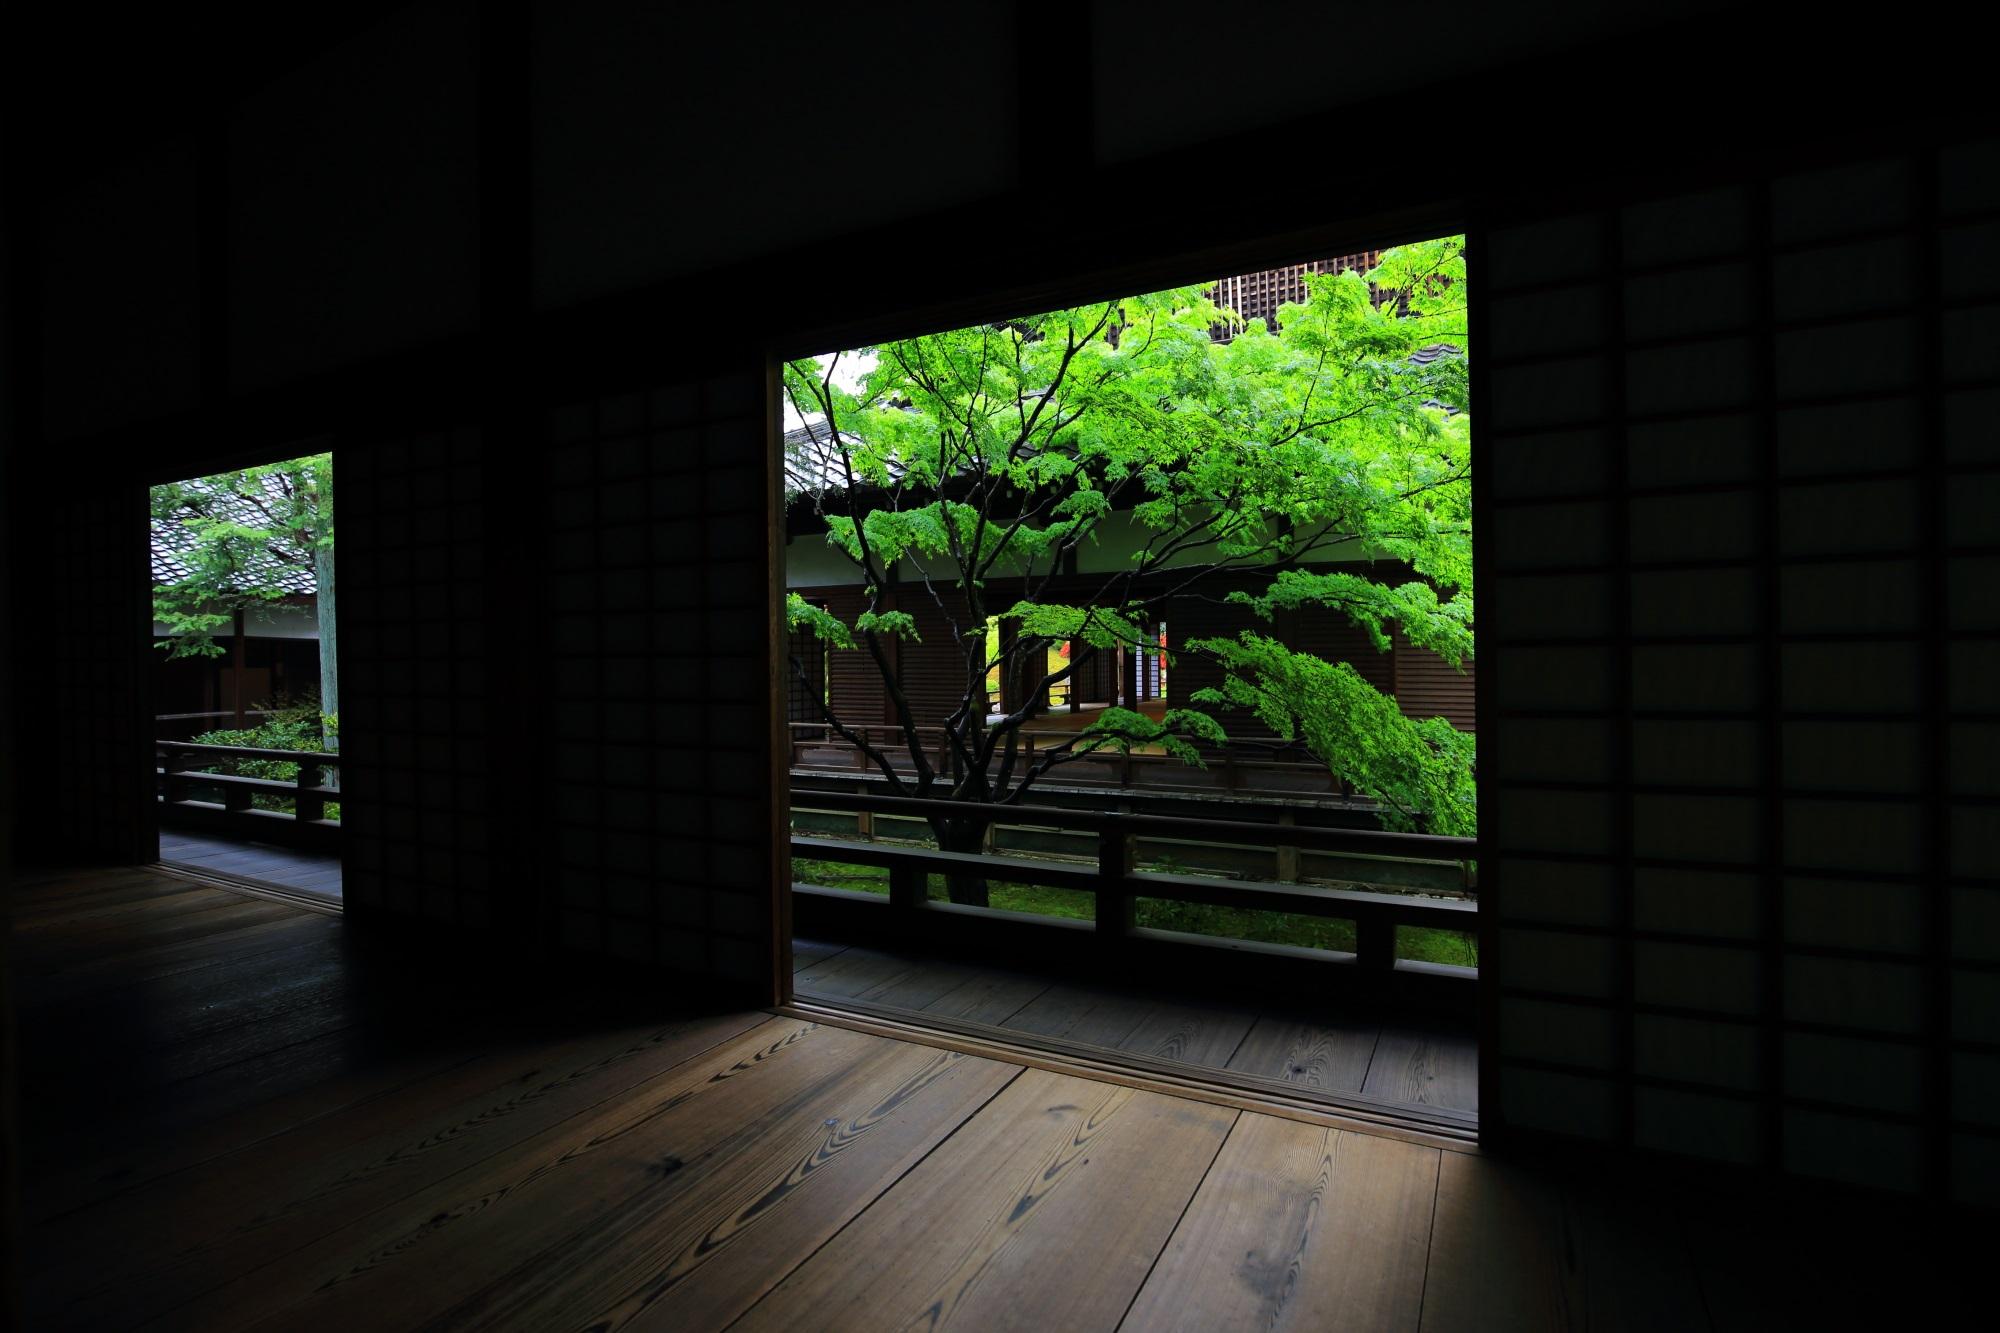 宸殿から眺めた額縁の中の存在感を放つ鮮やかな緑